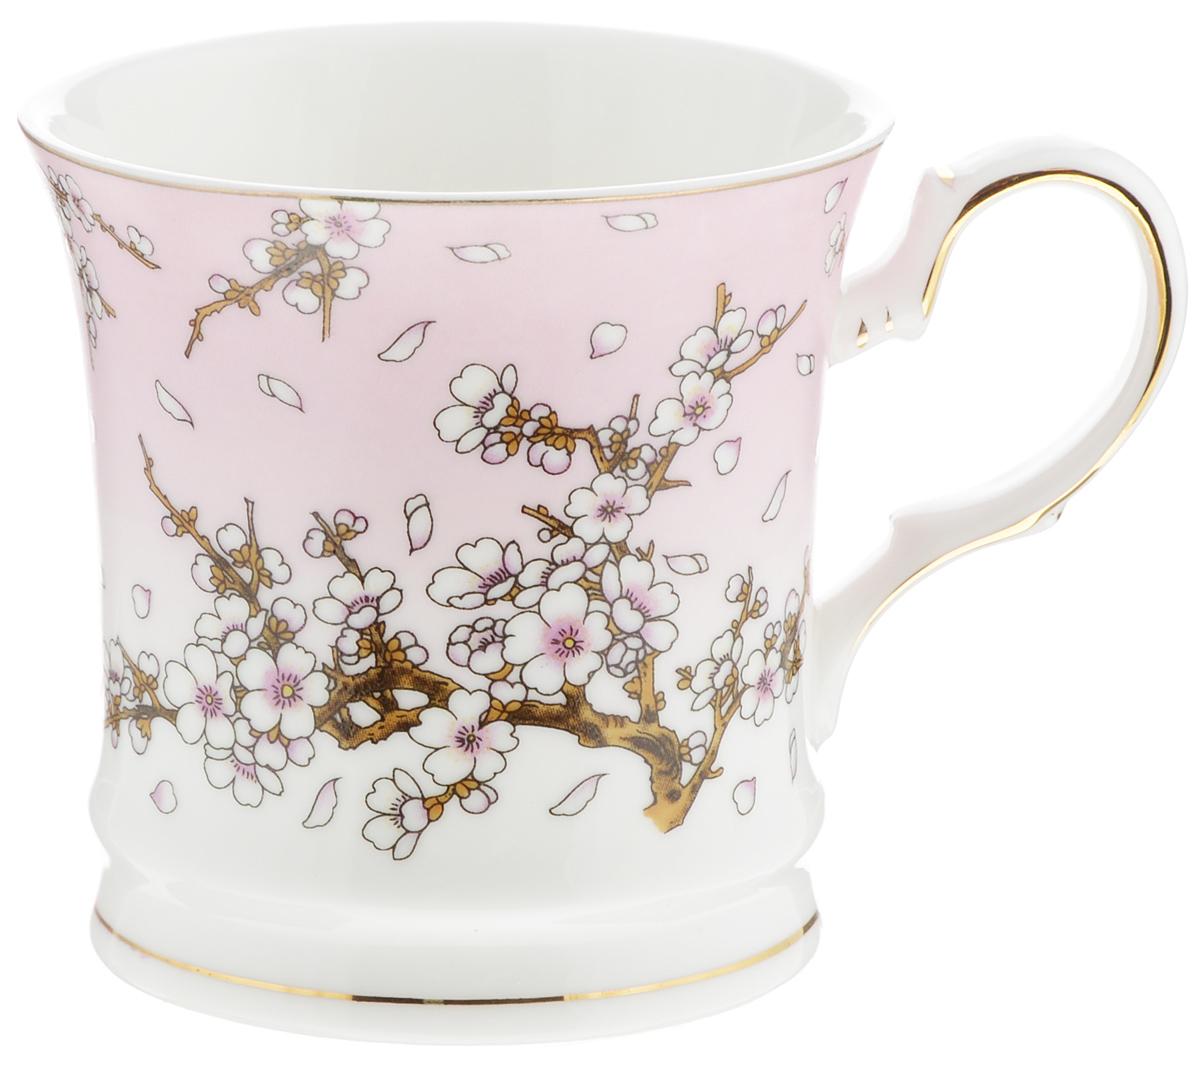 Кружка Elan Gallery Сакура на розовом, 170 млVT-1520(SR)Кружка Elan Gallery Сакура на розовом изготовлена из керамики и украшена стильным цветочным рисунком. Изгиб ручки и основание подчеркнуты золотистой каймой. Кружка станет оригинальным подарком!Диаметр кружки (по верхнему краю): 7,5 см.Высота: 7,5 см. Объем: 170 мл.